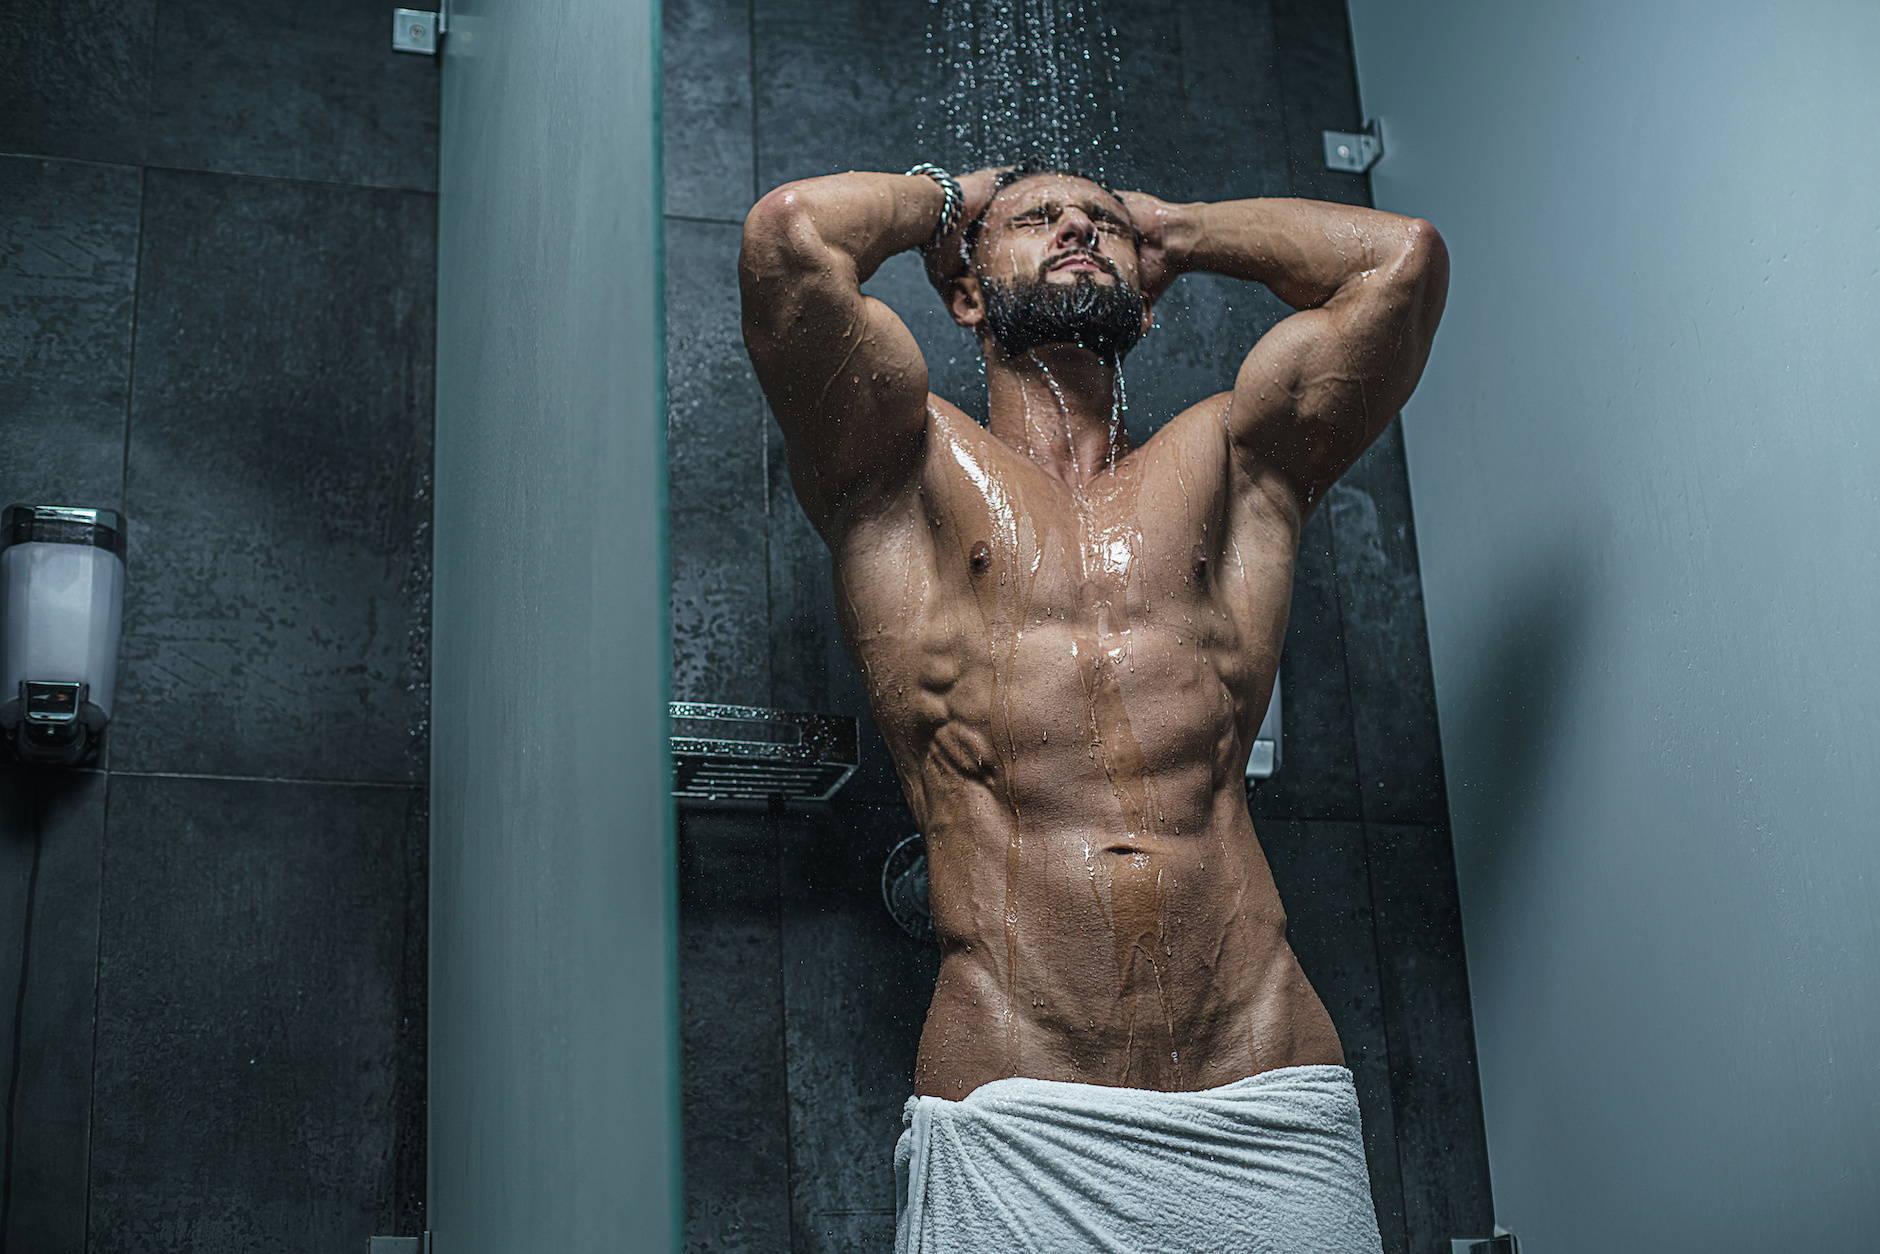 It's About The Man  | Shower Fun - Man in Shower - Hunk wet in Shower | wet model, naked male model, male model, male fitness model